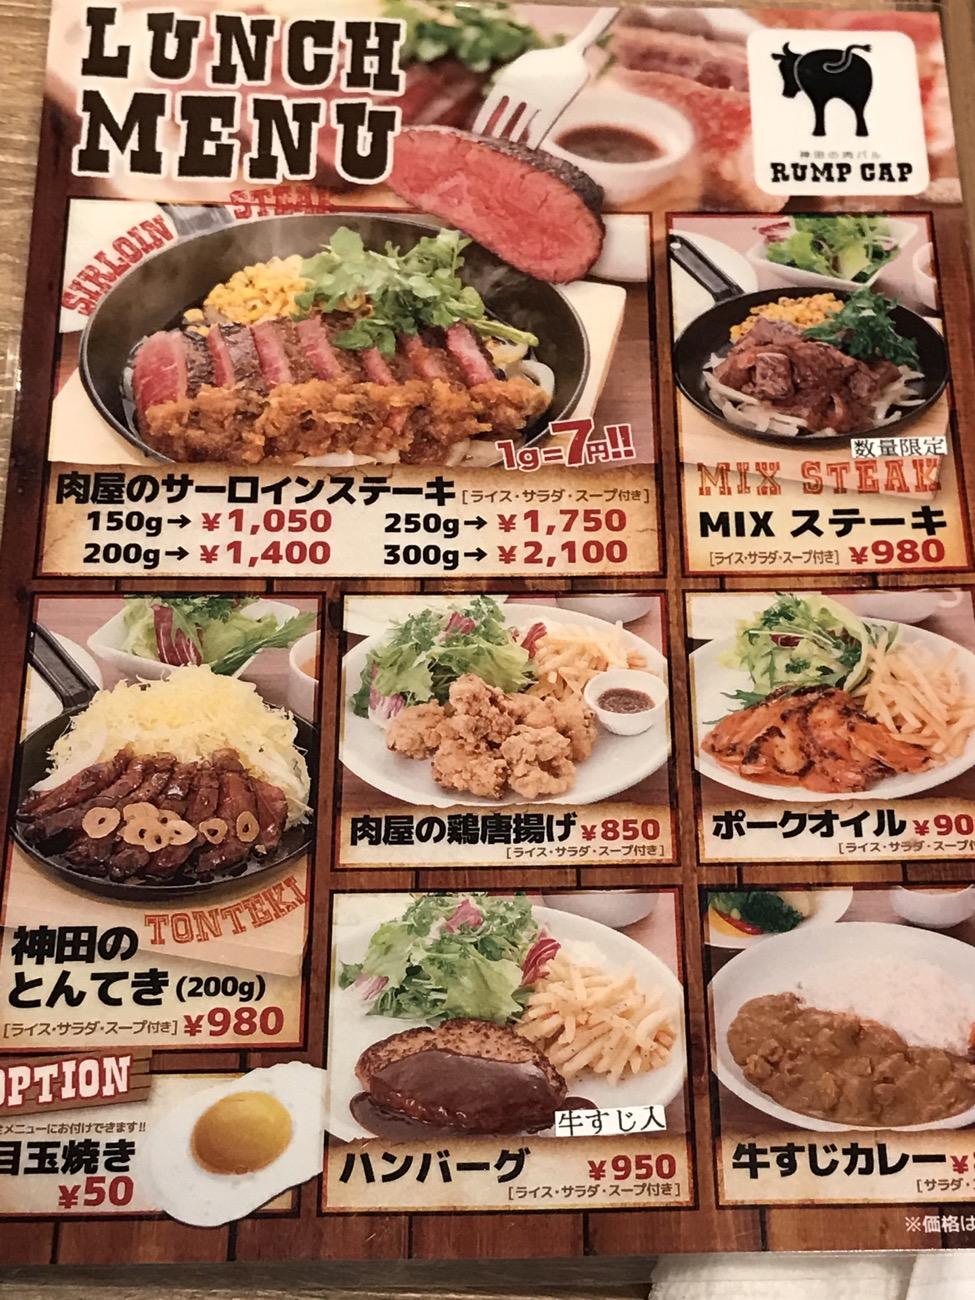 神田の肉バルランプキャップ ランチメニュー